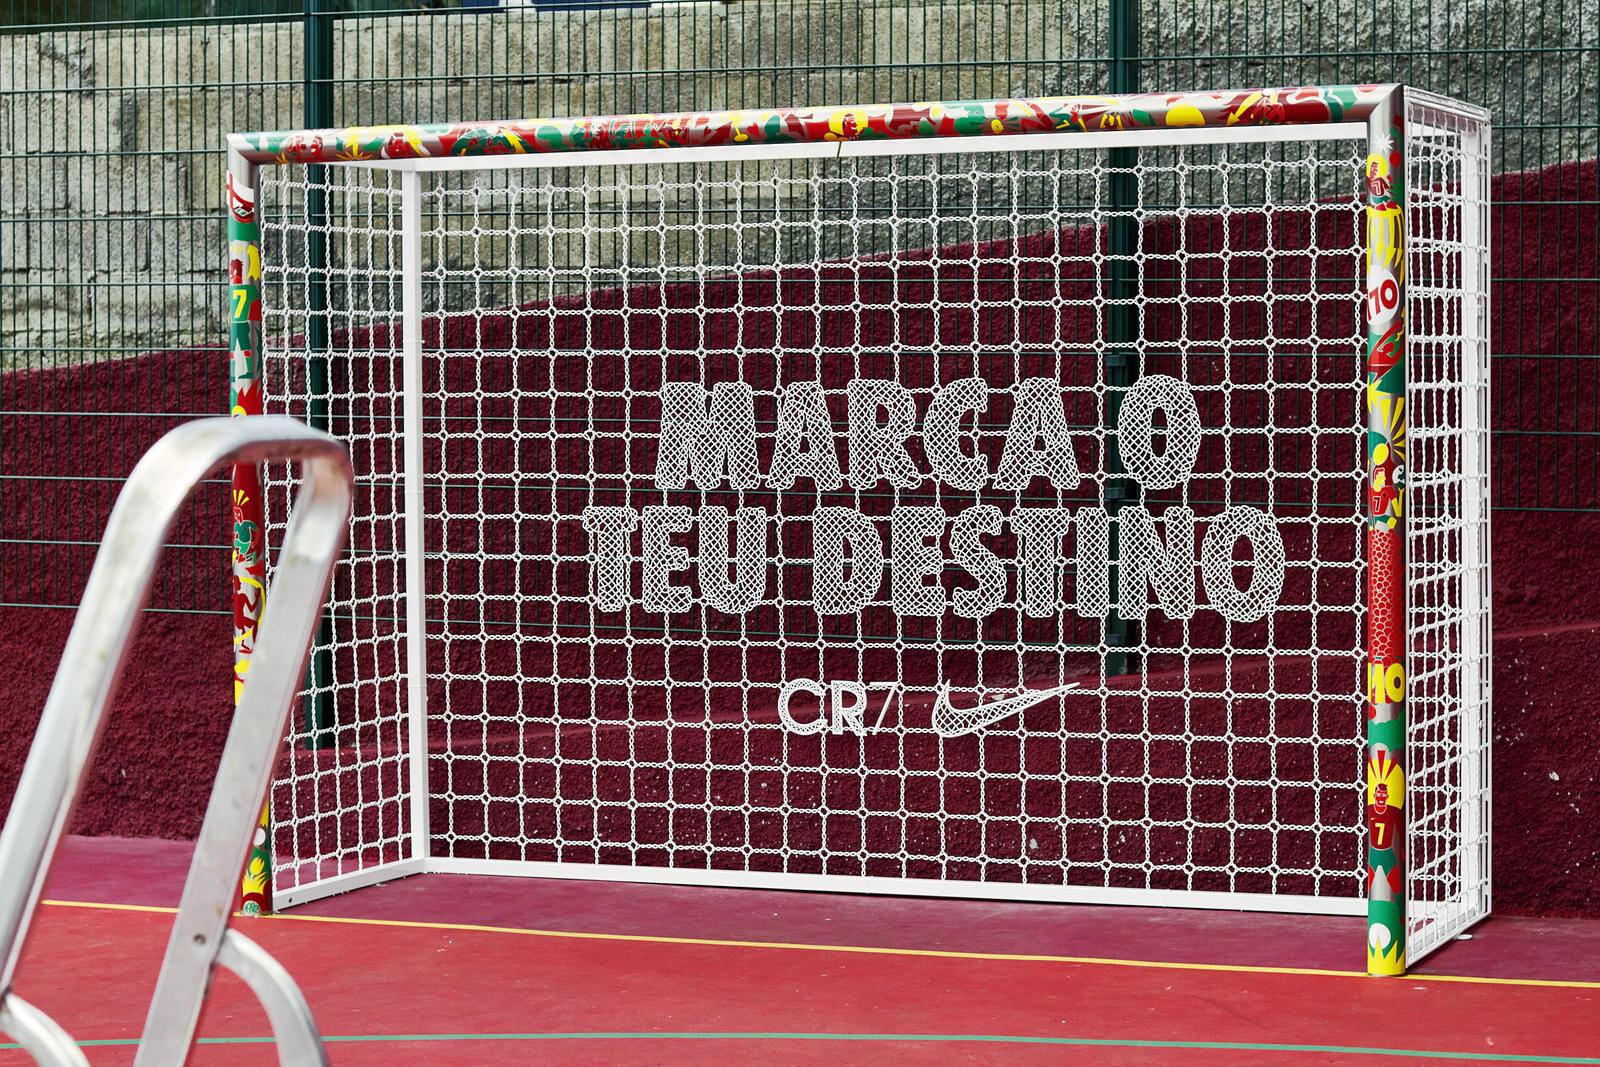 Cristiano Ronaldo Madeira Campo da calcio